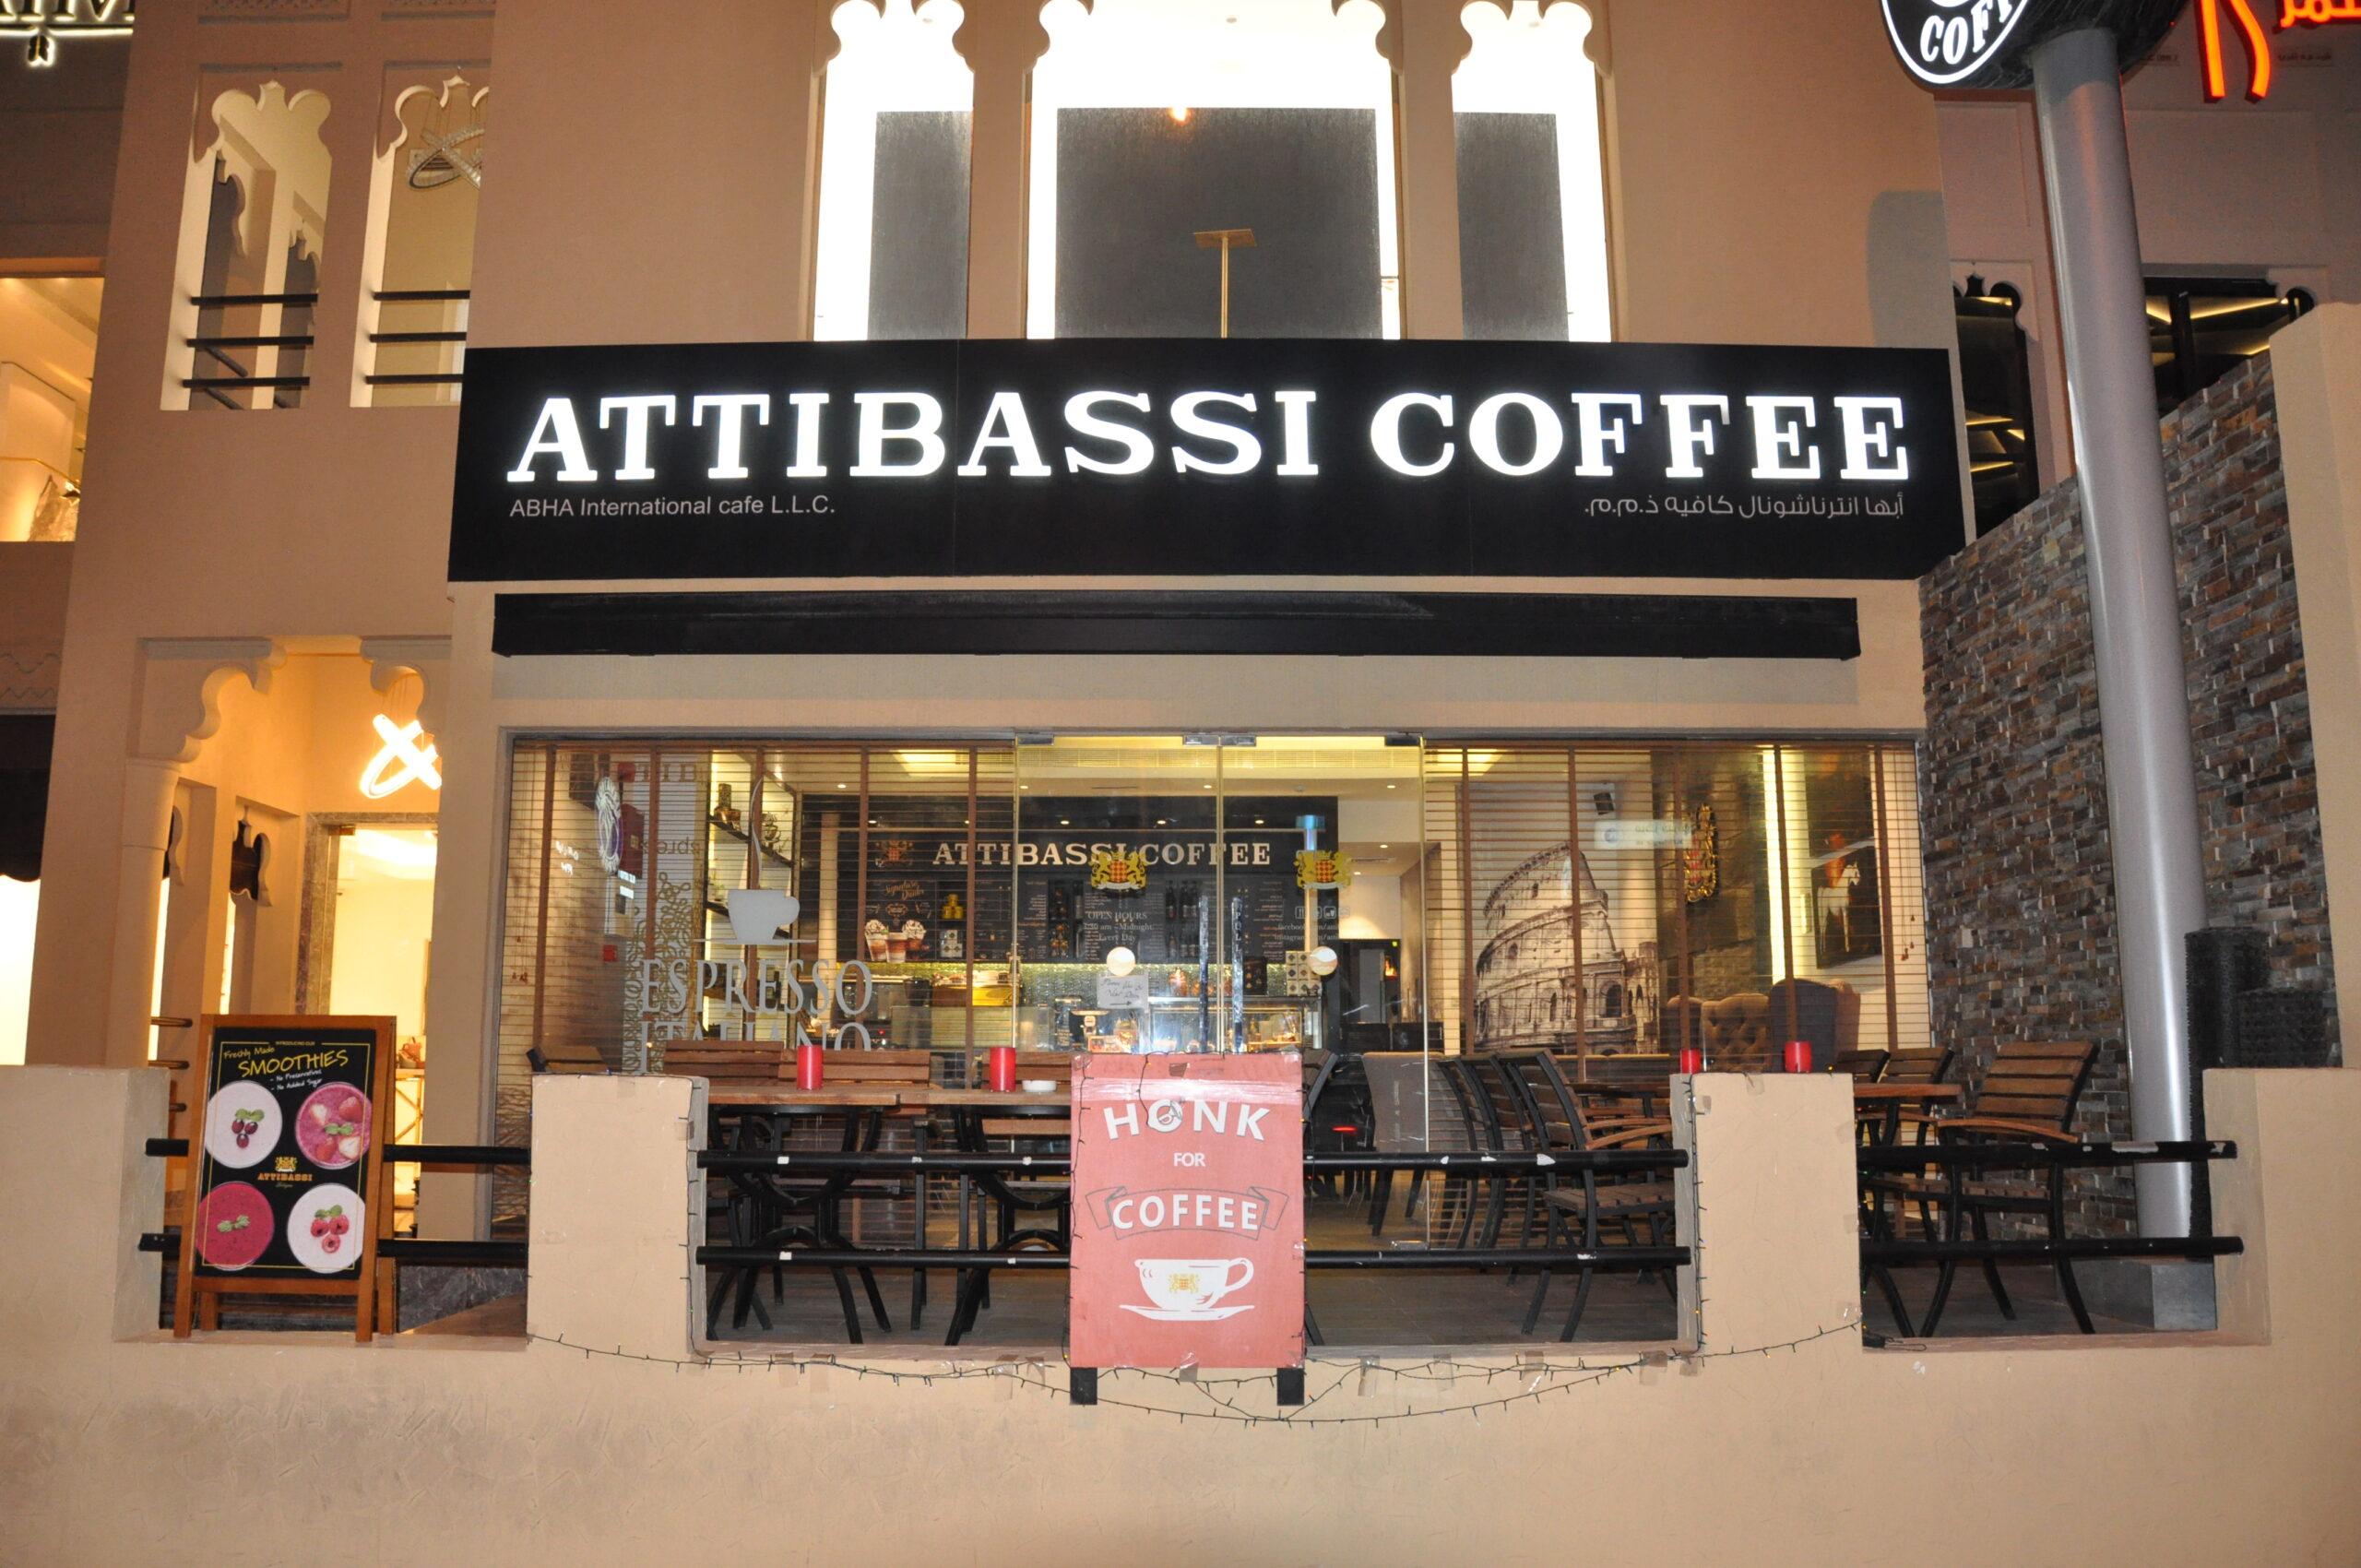 ATTIBASSI COFFEE